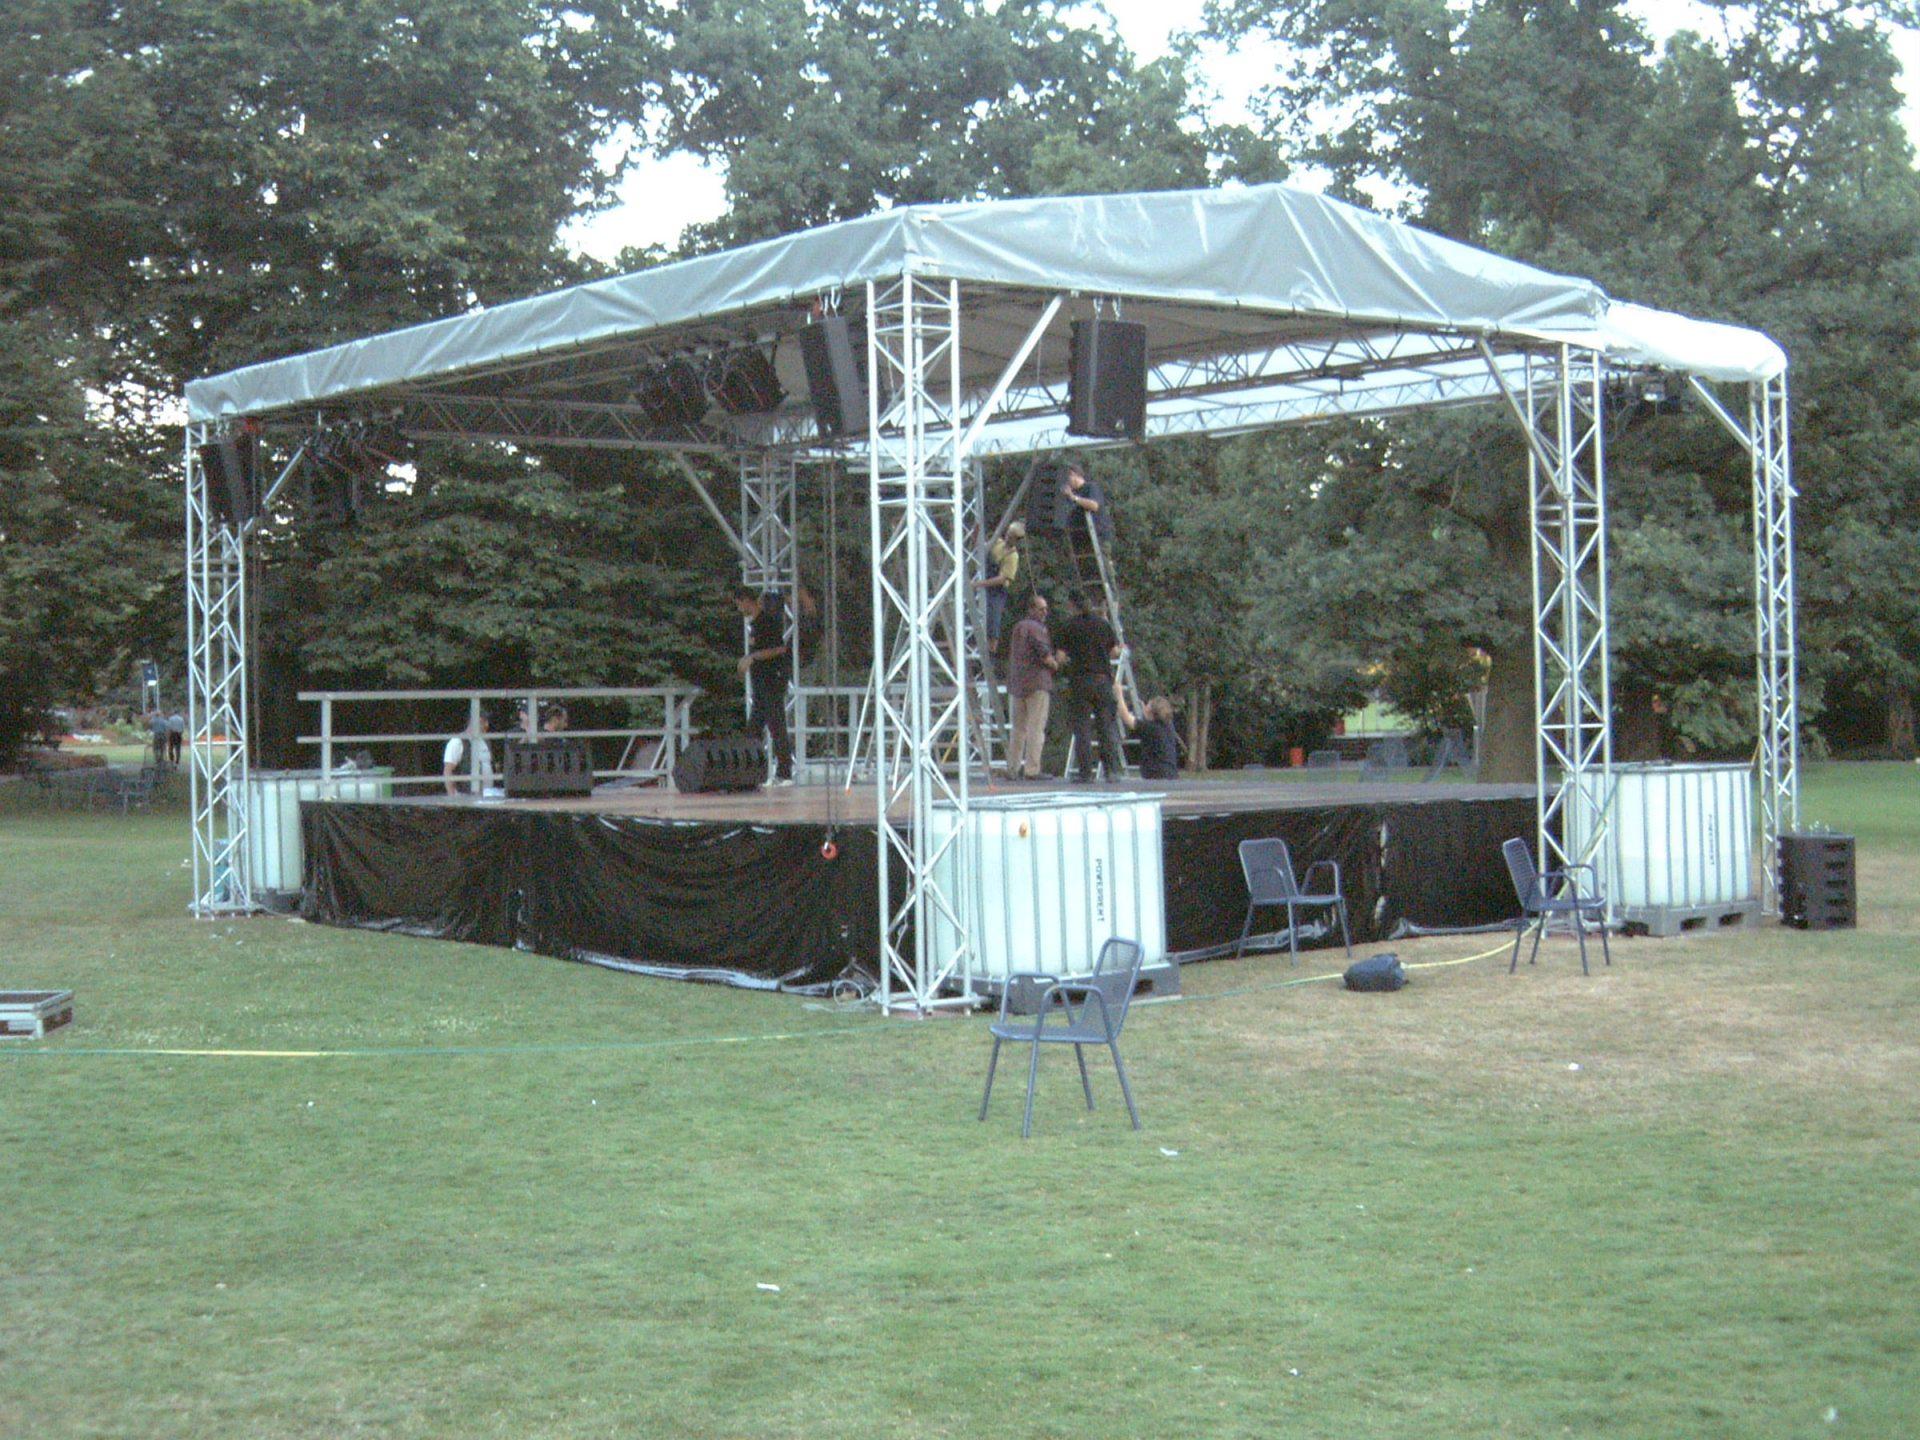 Bühne10m x 6m im Park